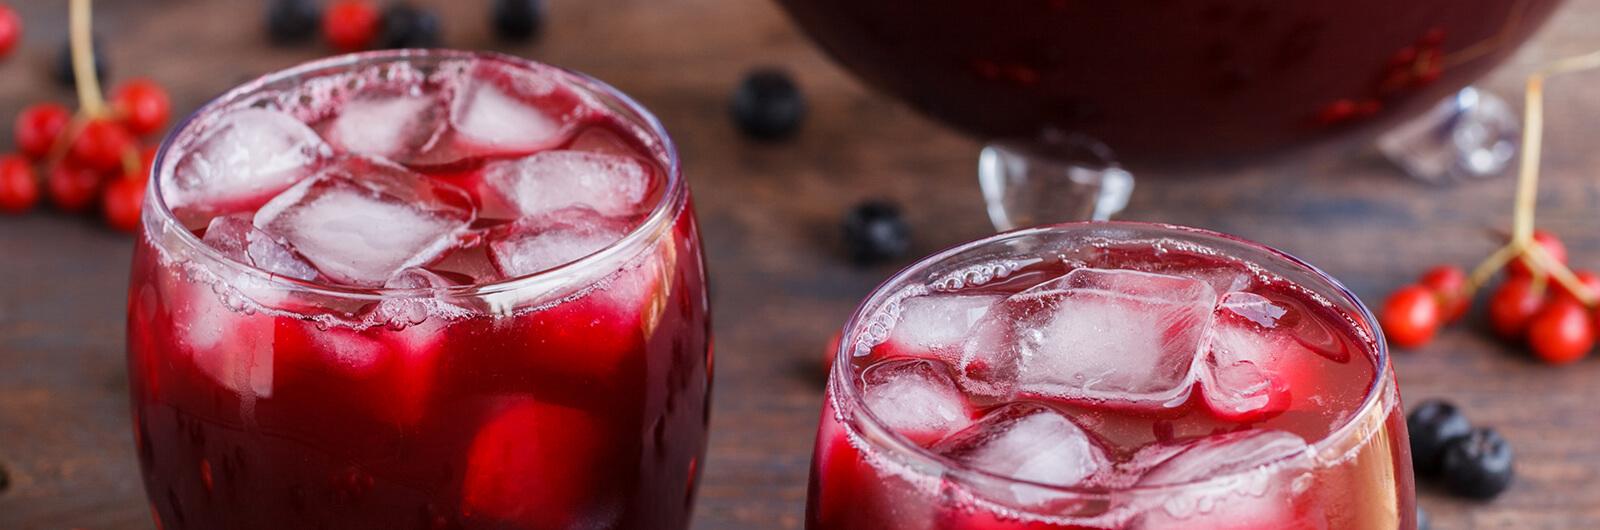 Uzgoj i prerada voća<br />i proizvodnja prirodnih sokova